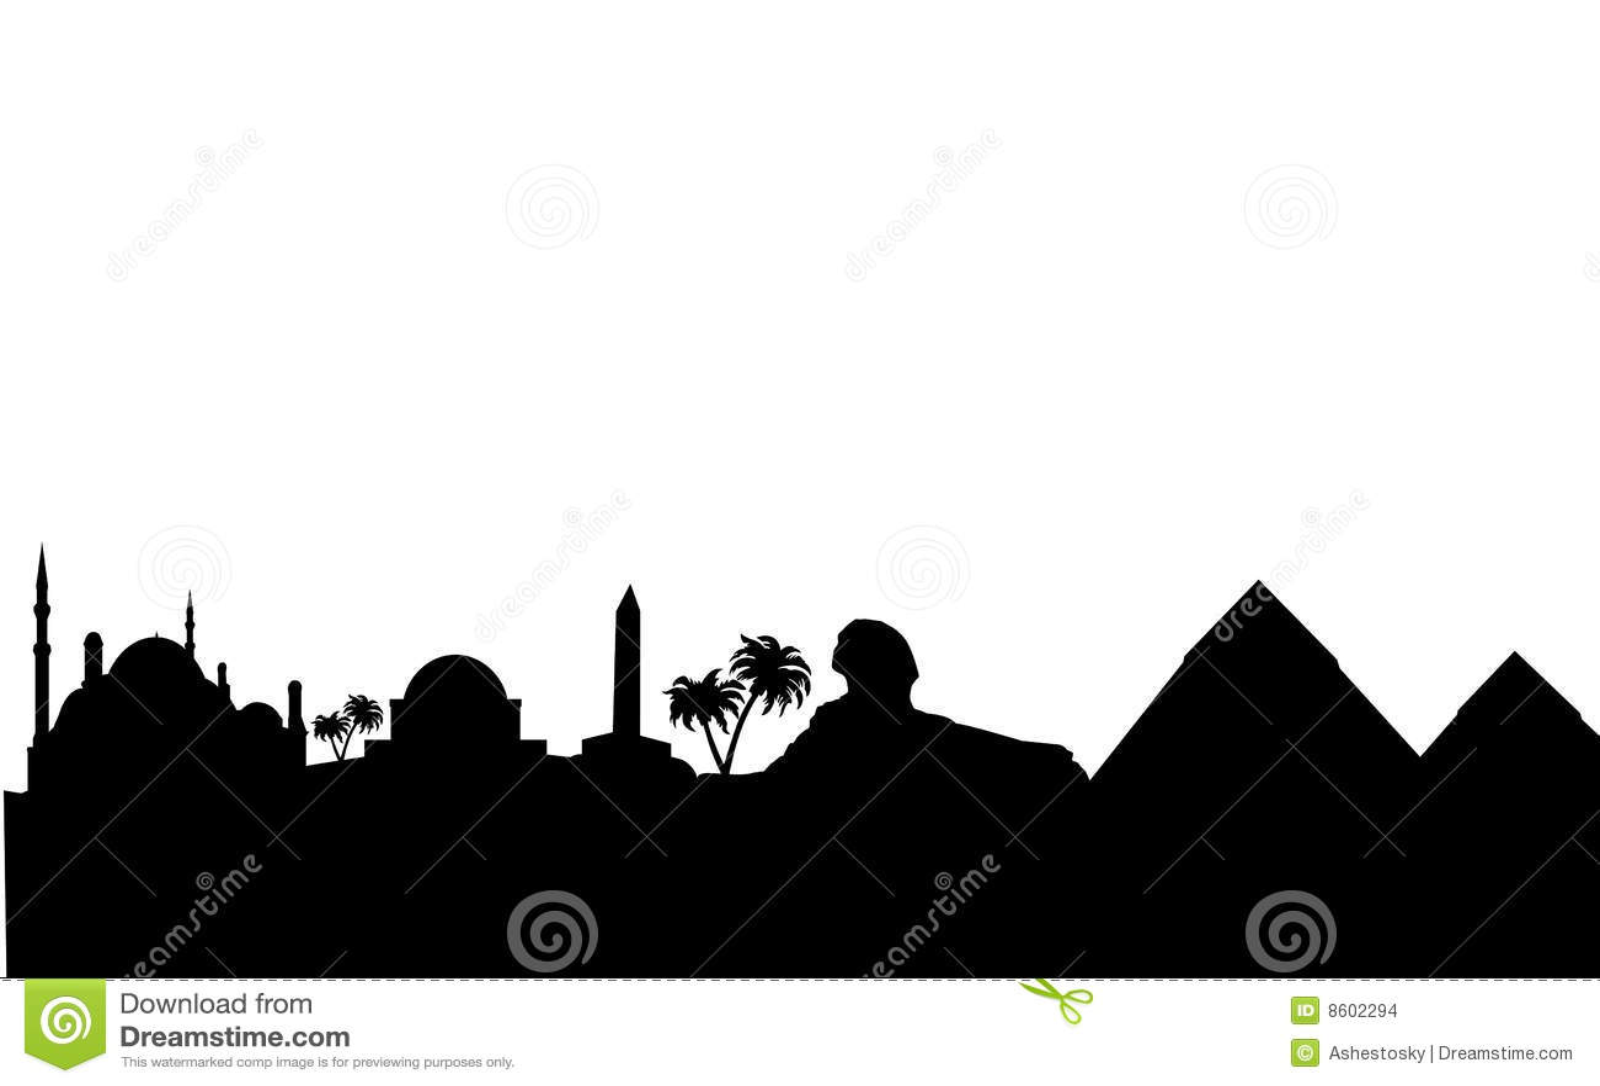 Egypt landmarks silhouette horisont